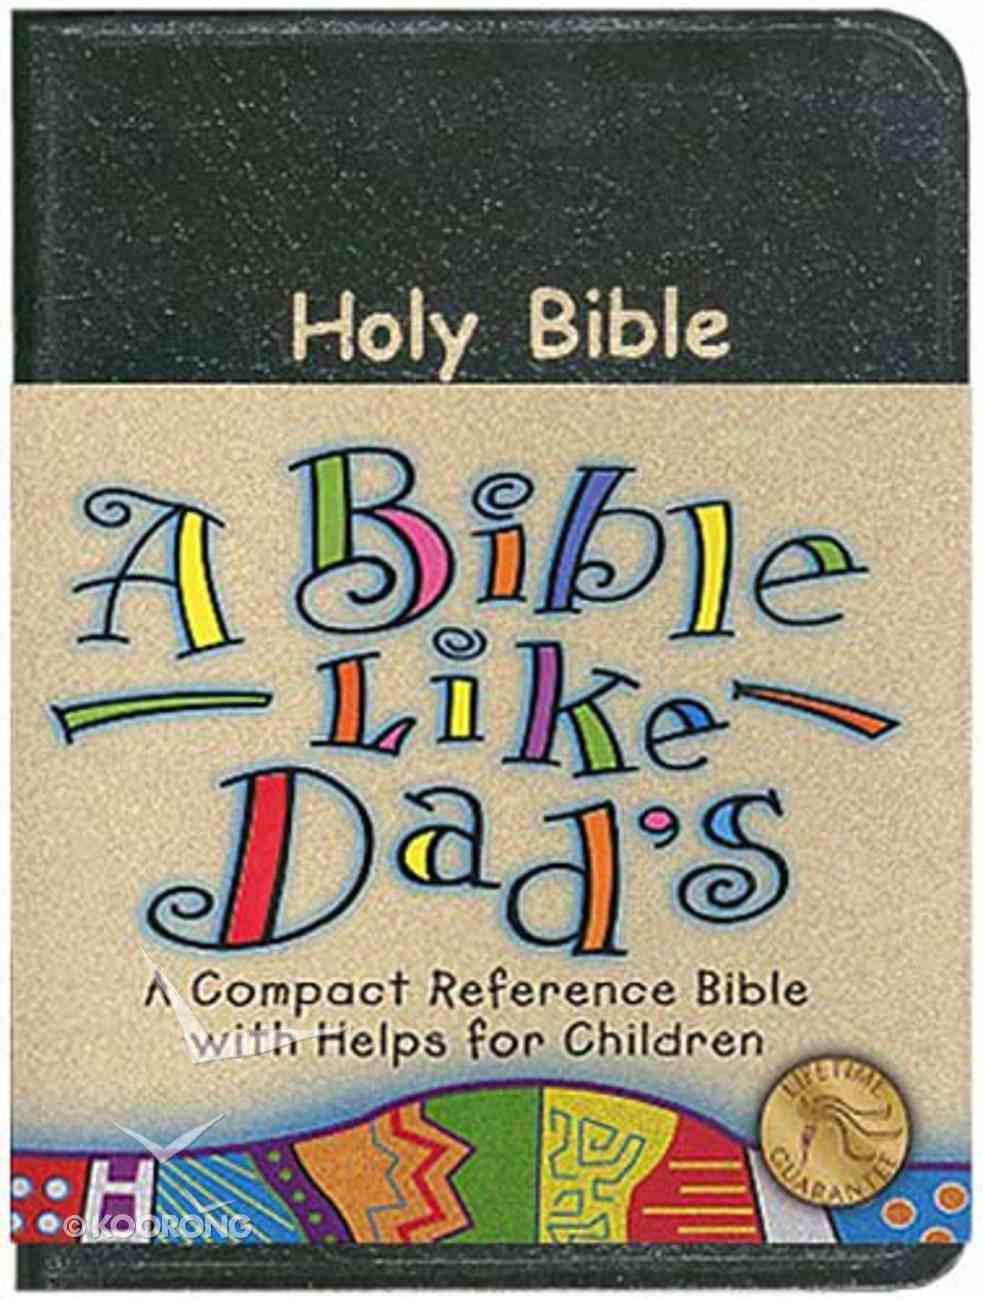 NKJV Bible Like Dads Black Bonded Leather